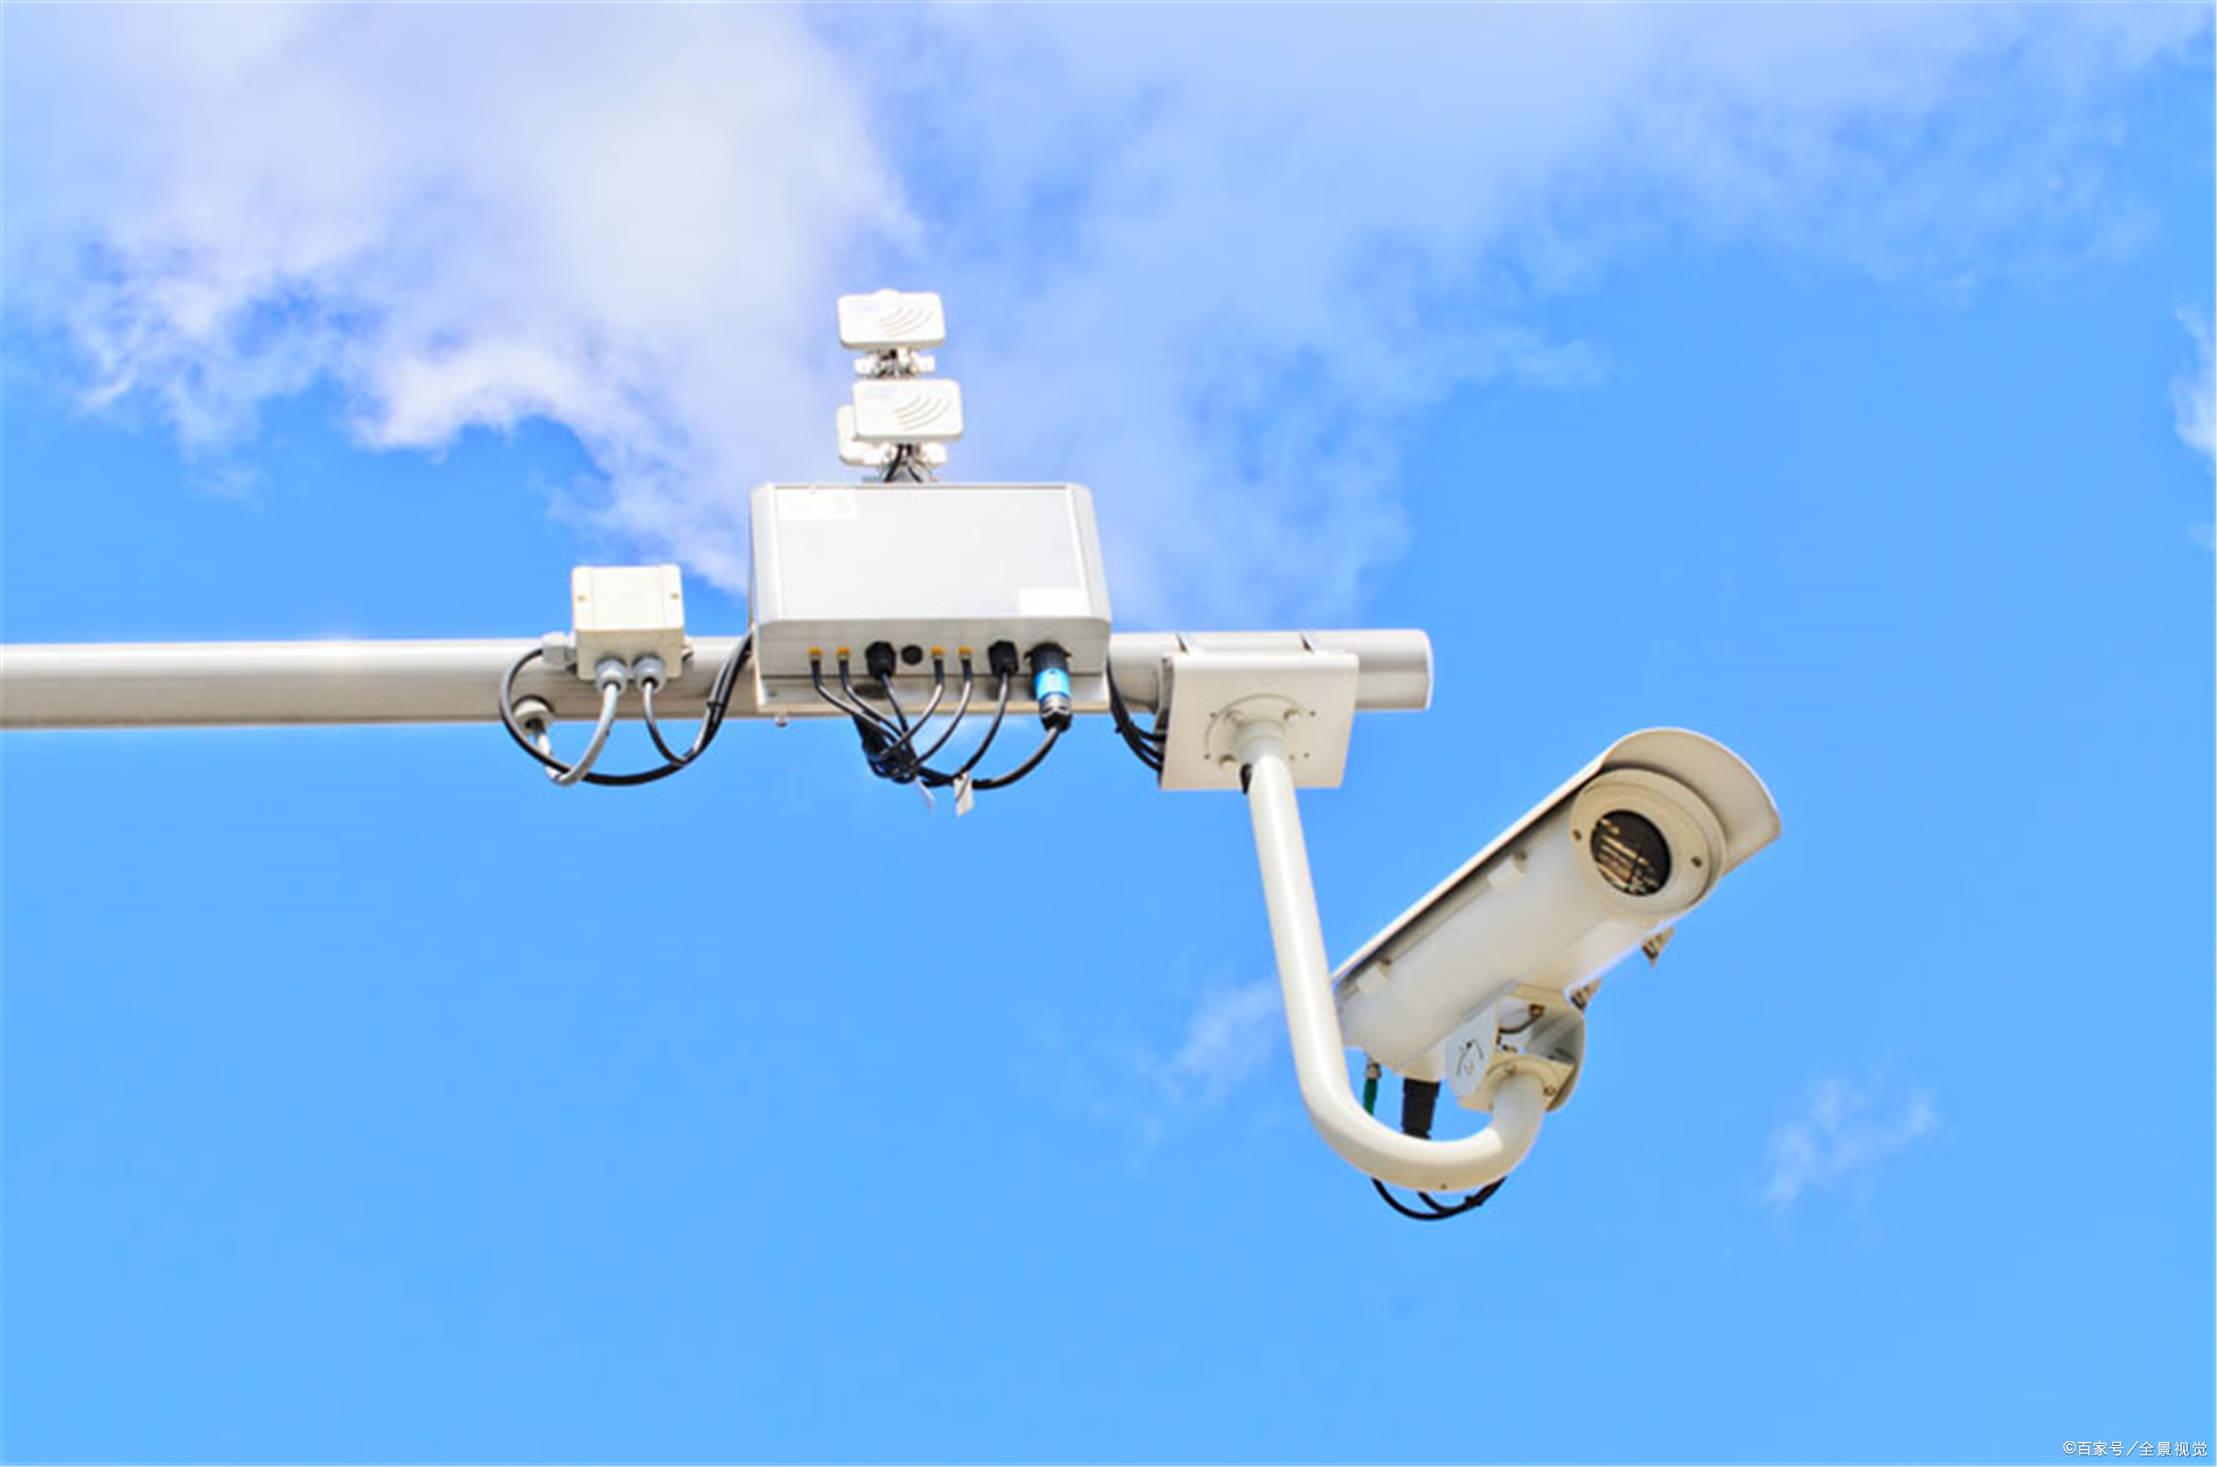 前端设备如摄像头应置于接闪器(避雷针或其它